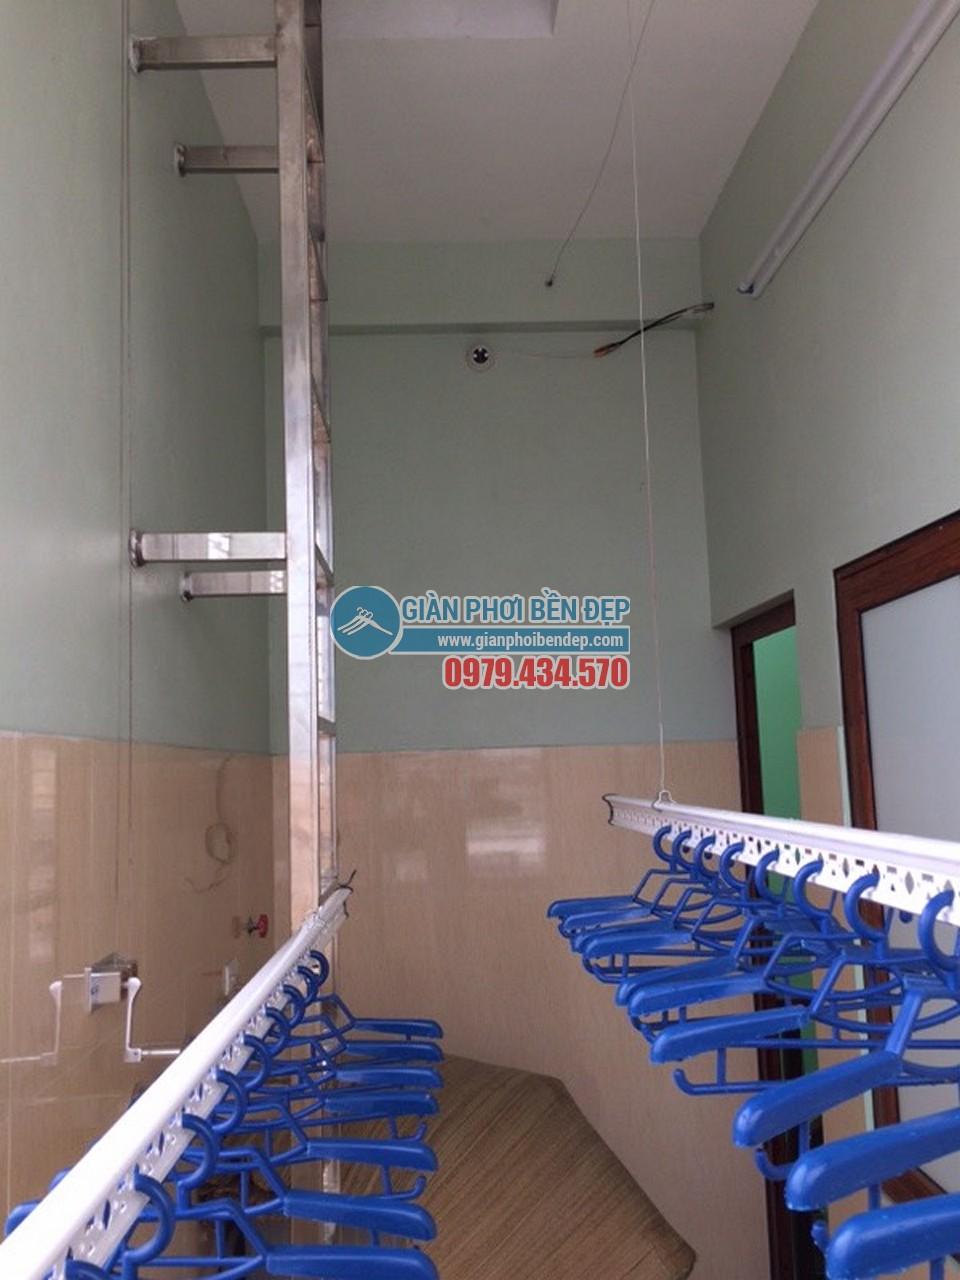 Hình ảnh thực tế bộ giàn phơi Hòa Phát 999B nhà chú Trình